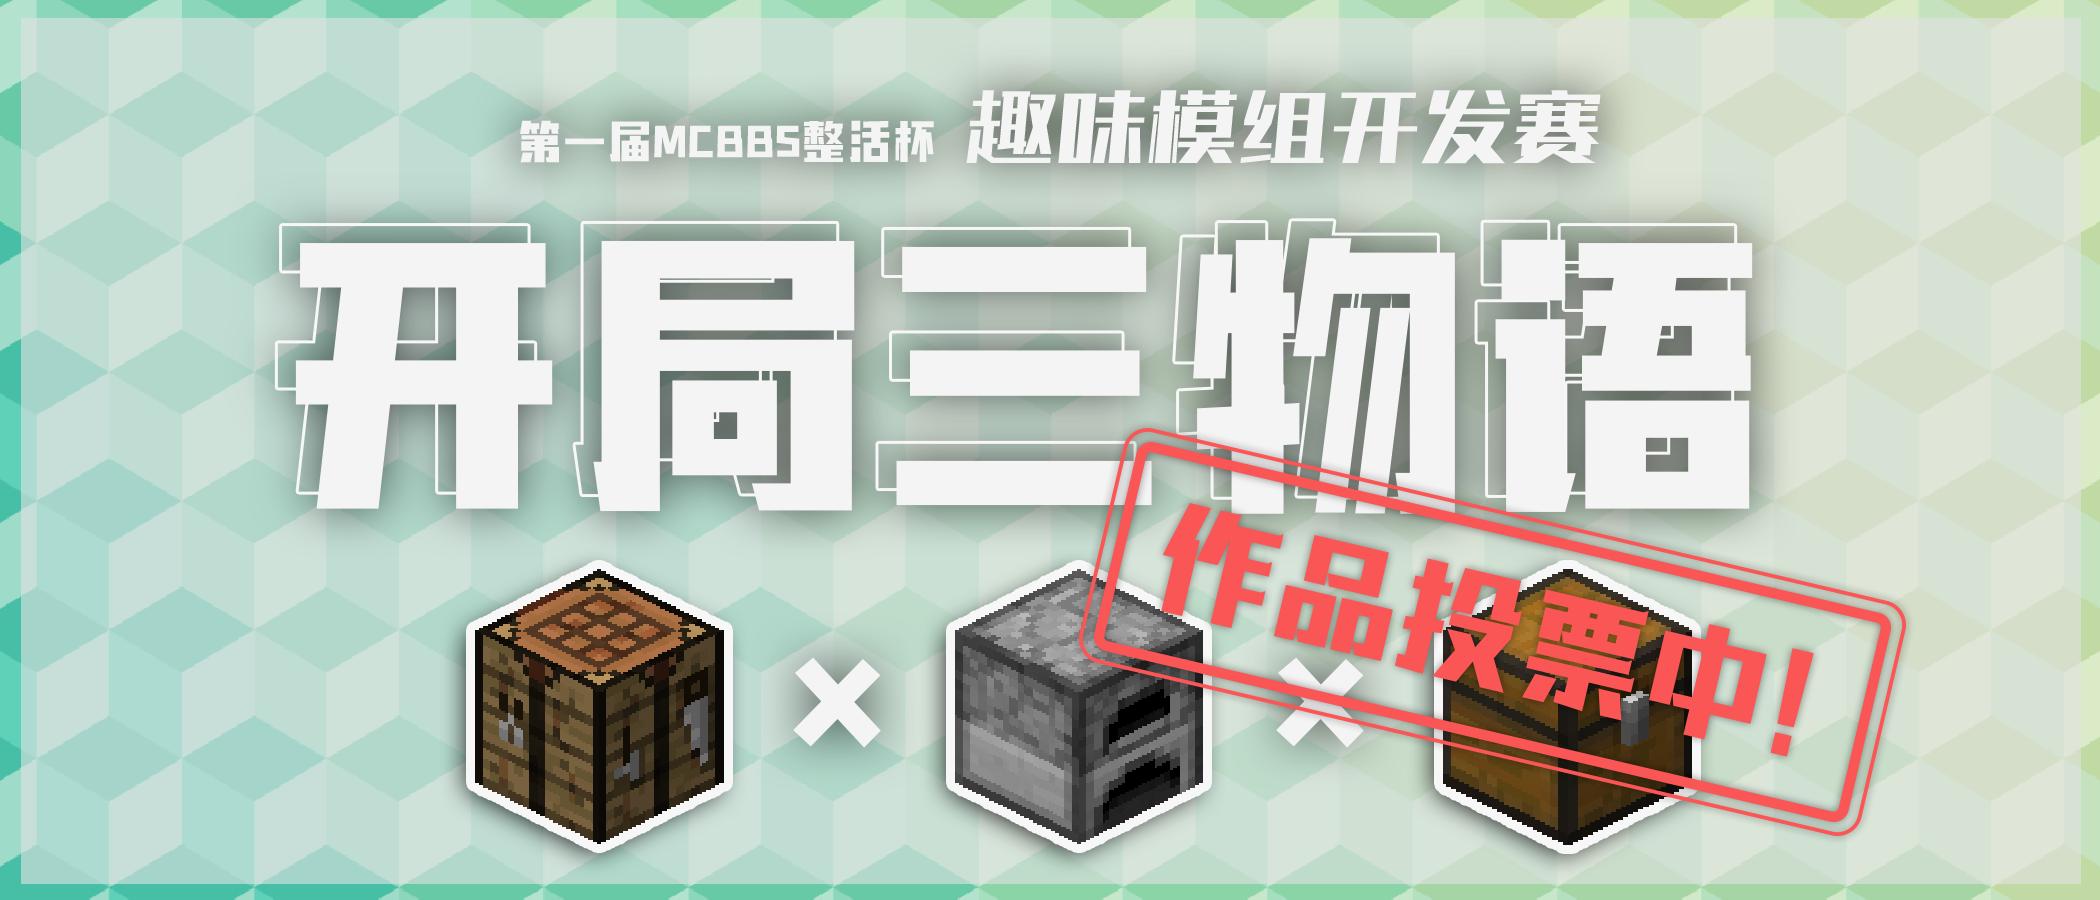 趣味模组开发赛 —— 开局三物语-投票中.png